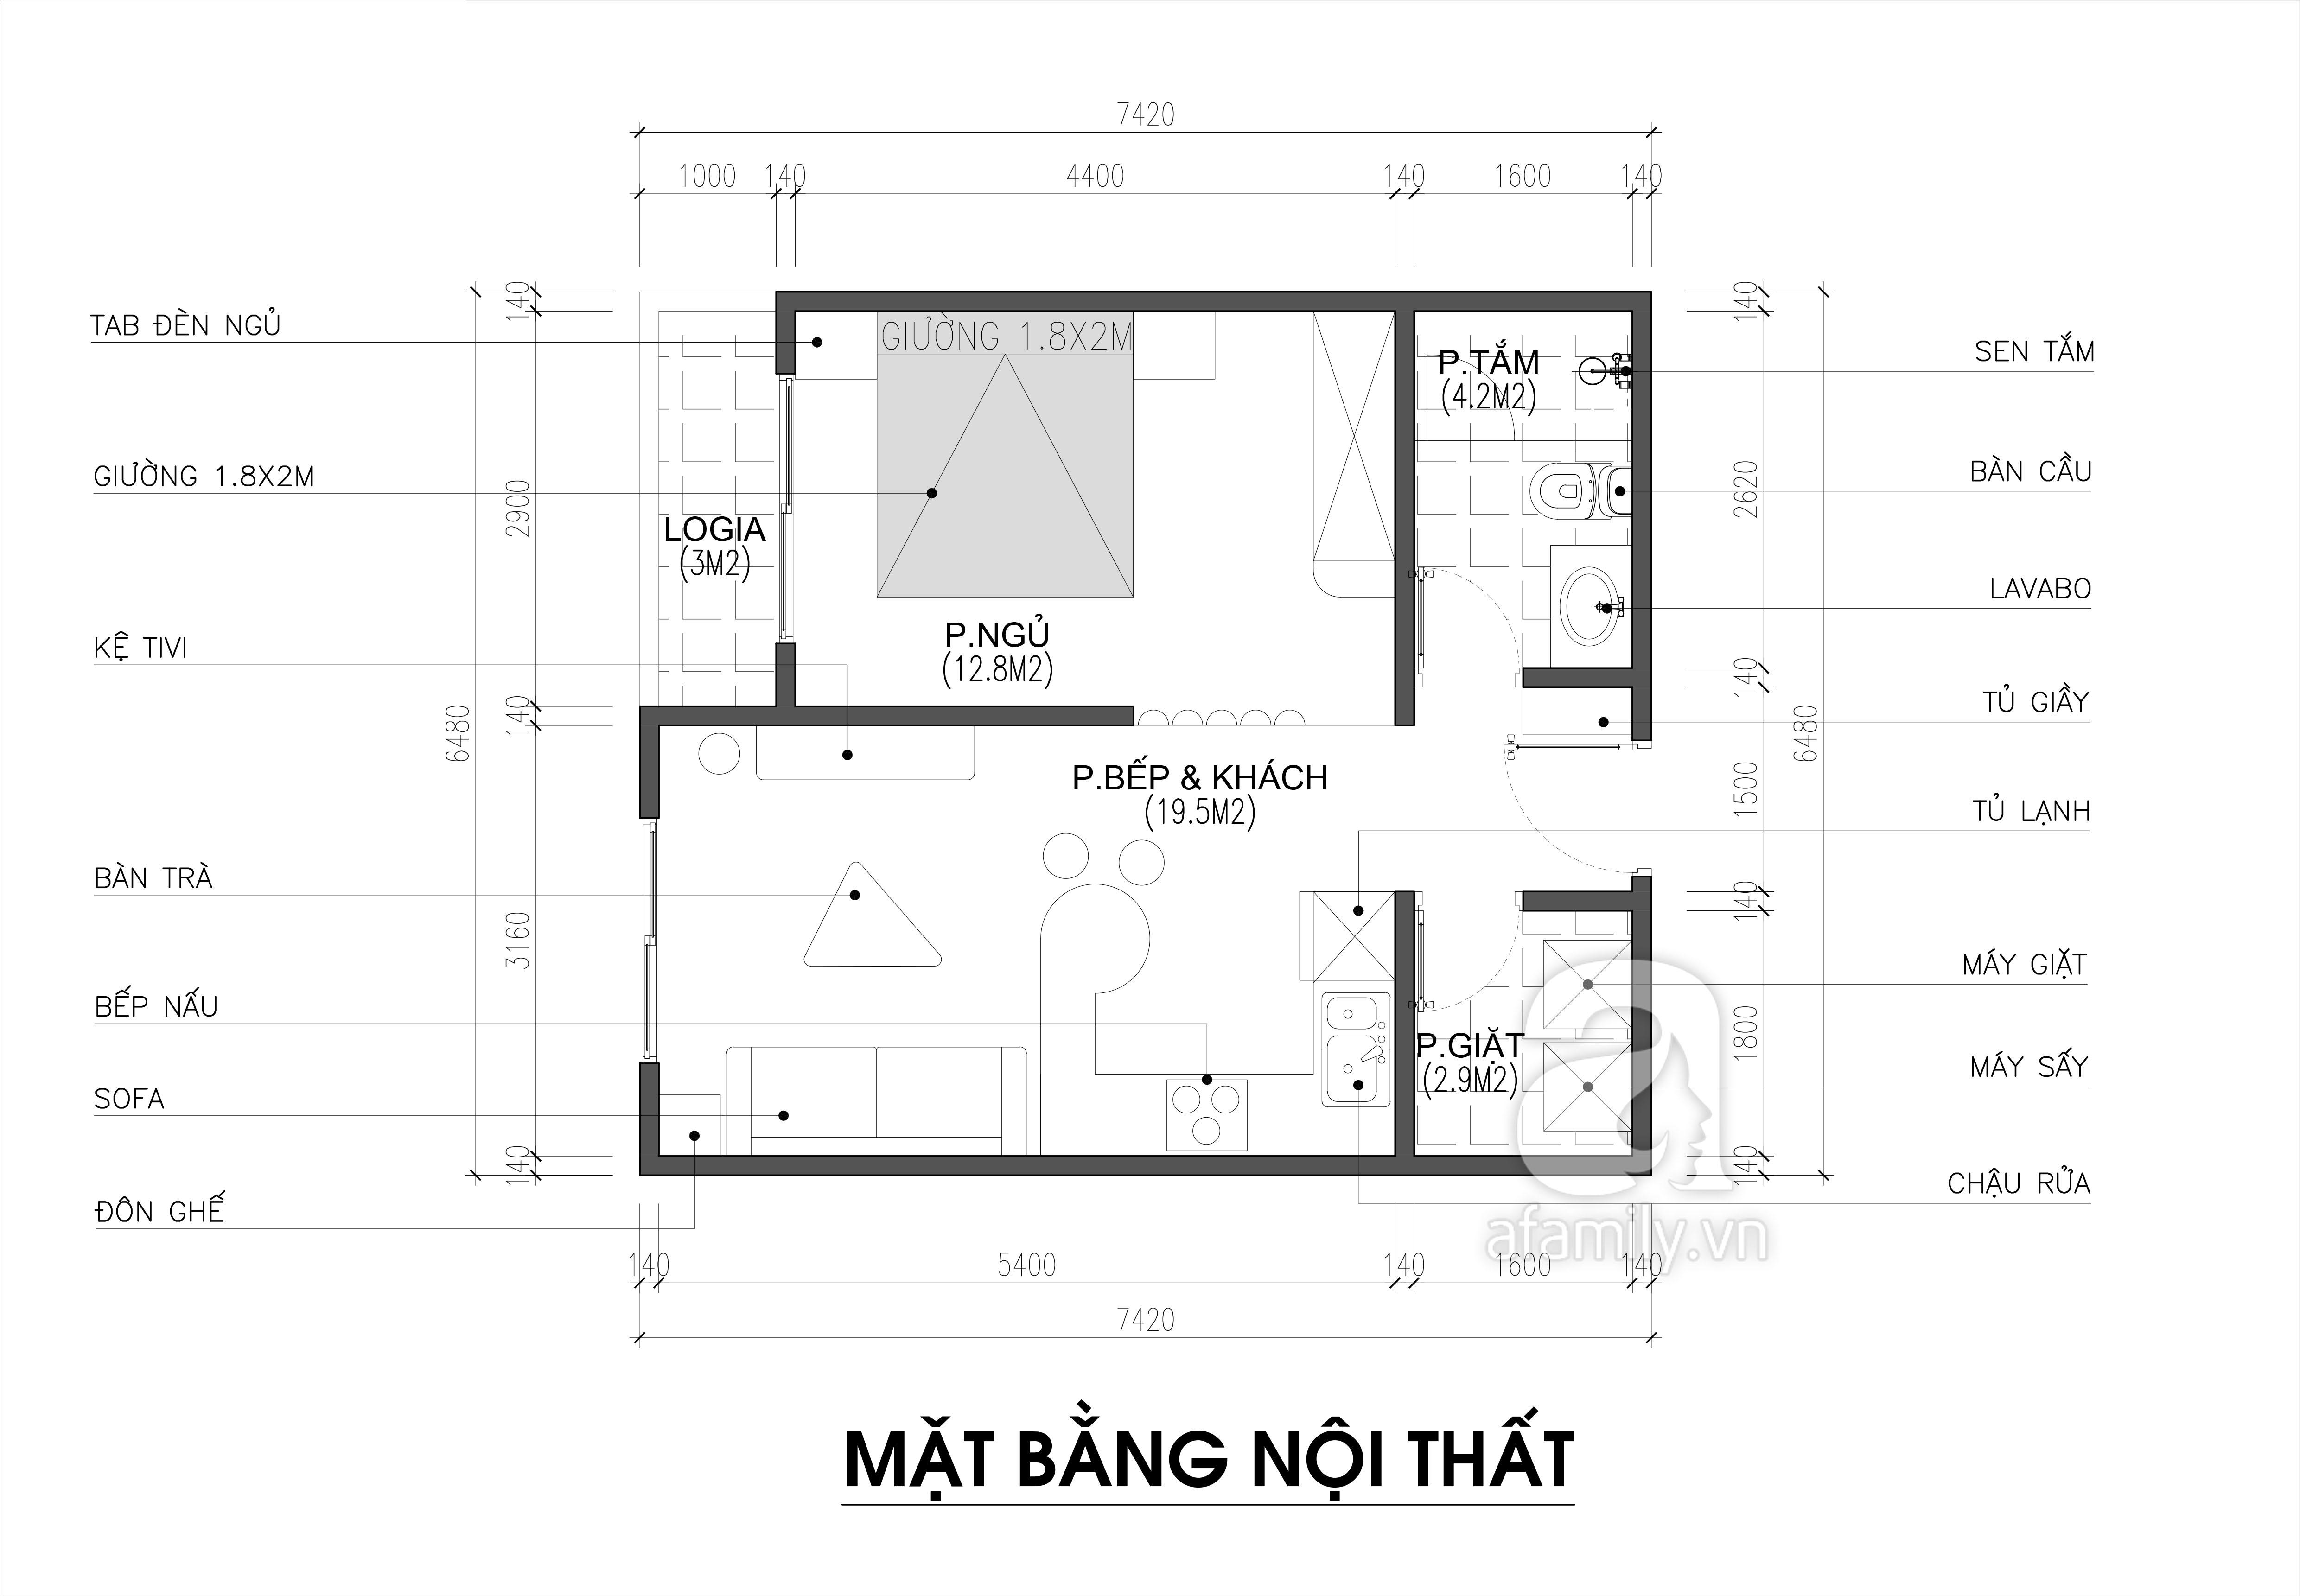 Tư vấn thiết kế nội thất căn hộ chung cư theo dạng studio có diện tích 44m² để cho thuê với chi phí 42 triệu - Ảnh 2.